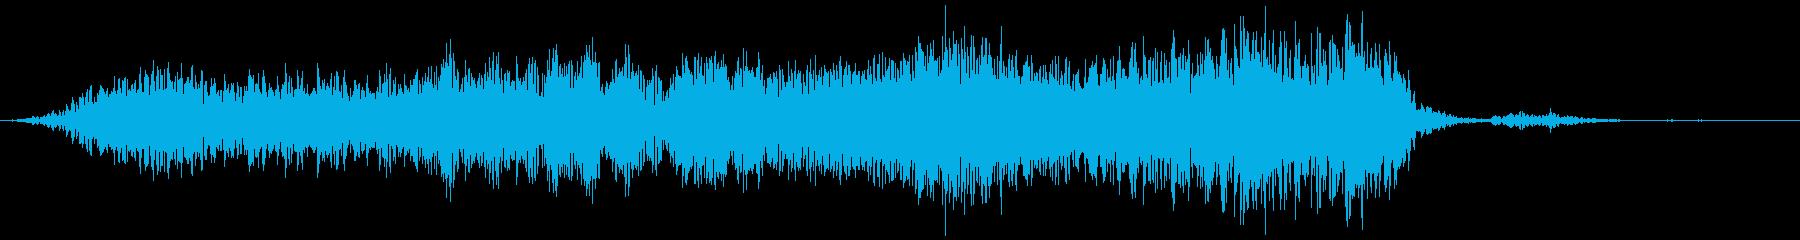 【物音】 ひきずる音_04 ギーッ・・・の再生済みの波形